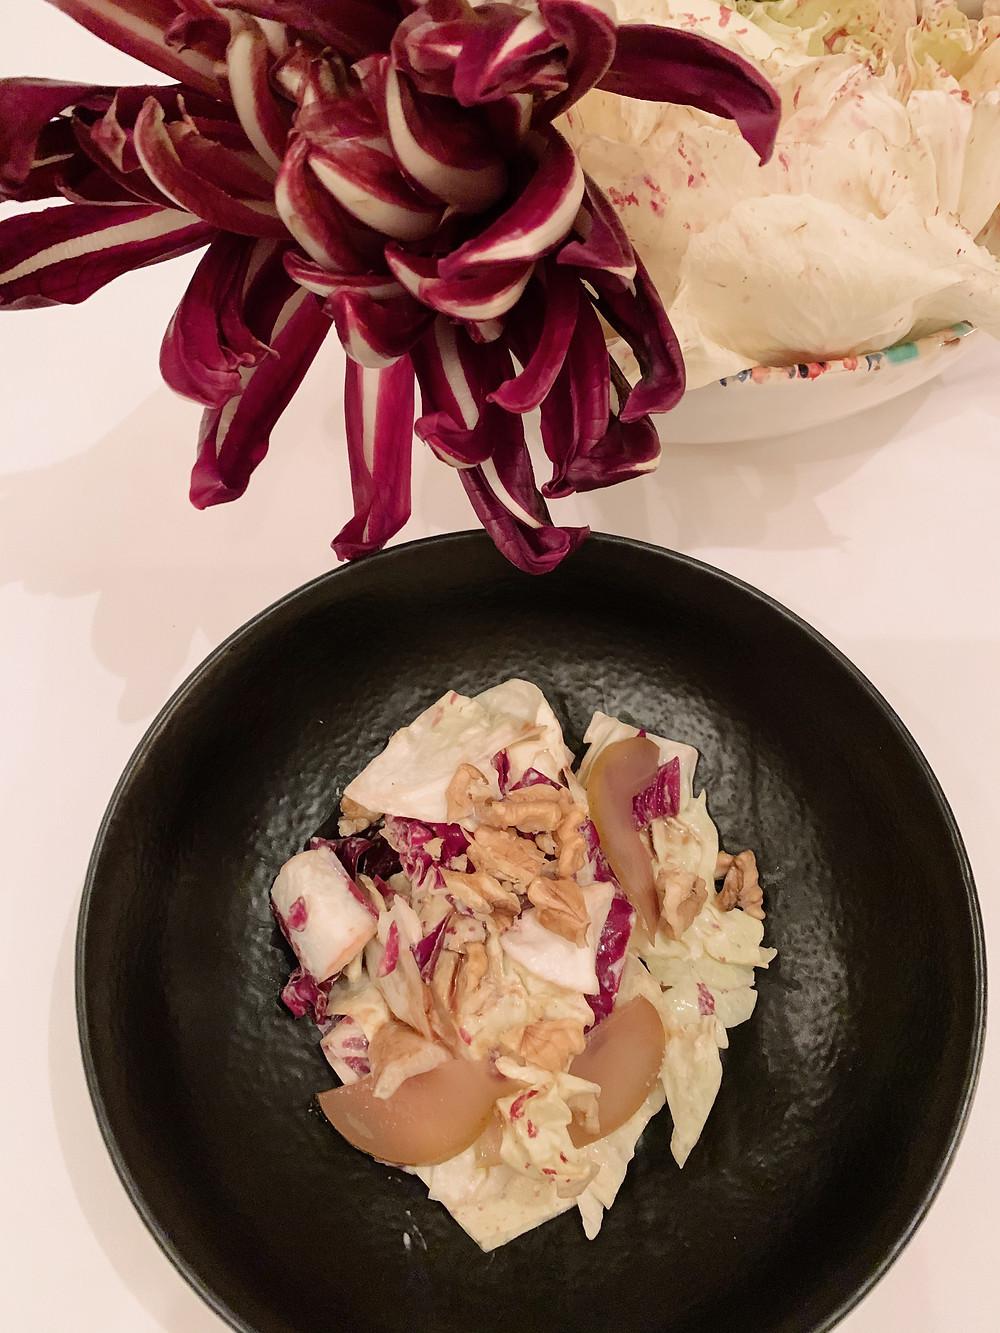 Salad at Giando Italian restaurant in Hong Kong